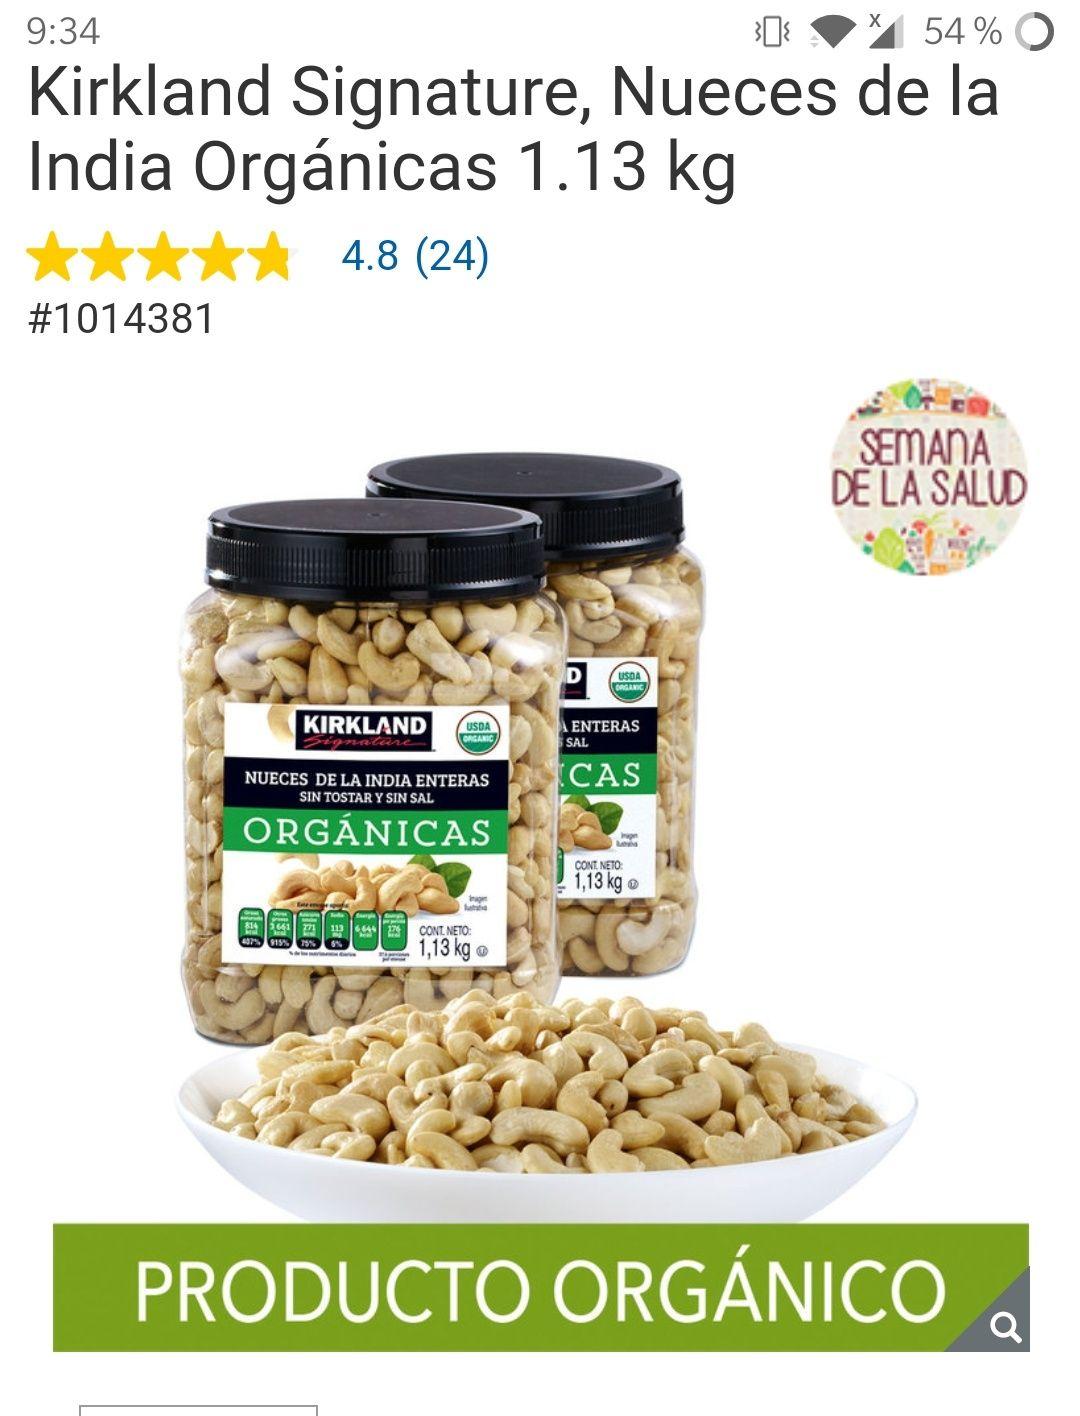 Costco: Kirkland Signature, Nueces de la India Orgánicas 1.13 kg